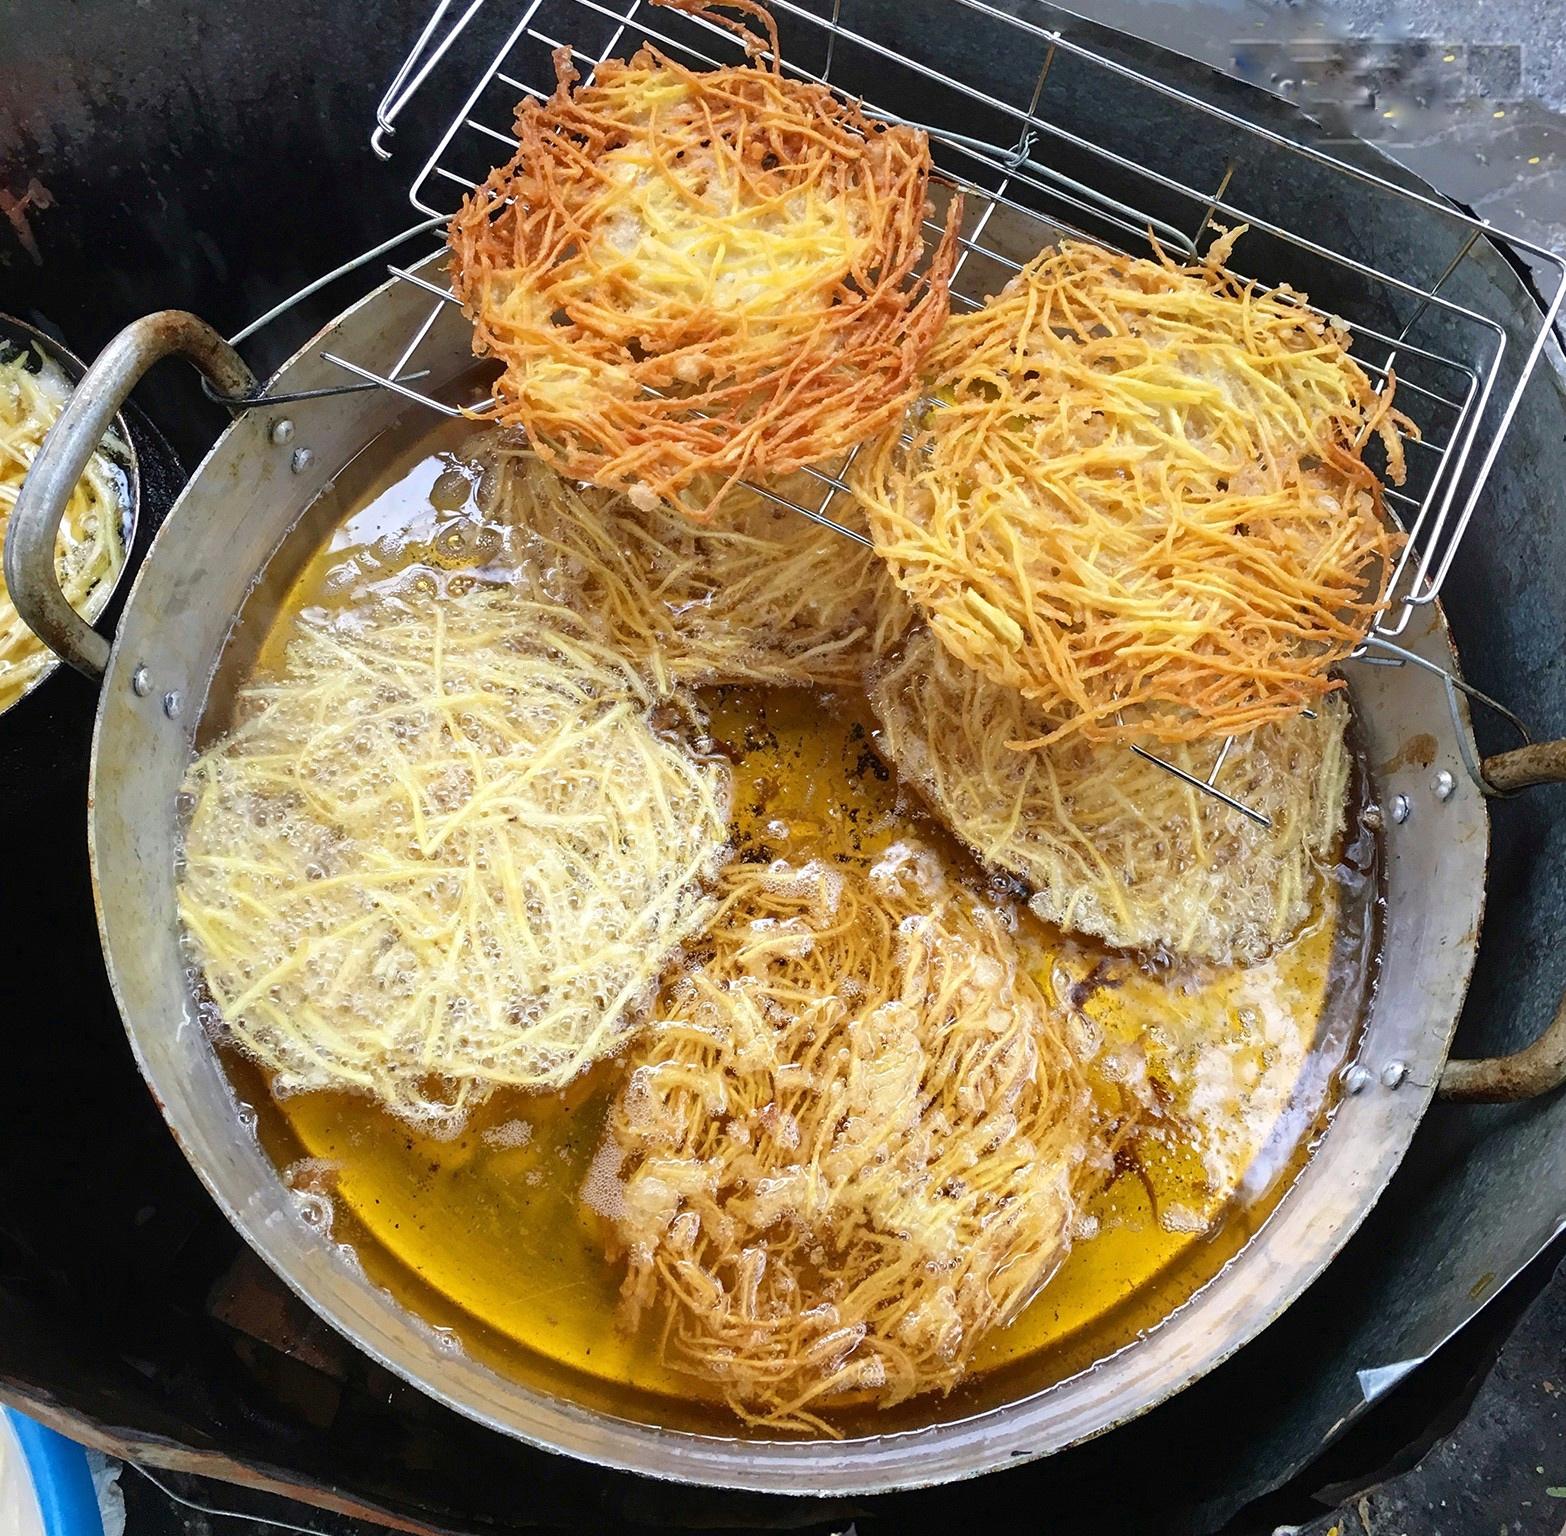 làm bánh khoai lang chiên sợi